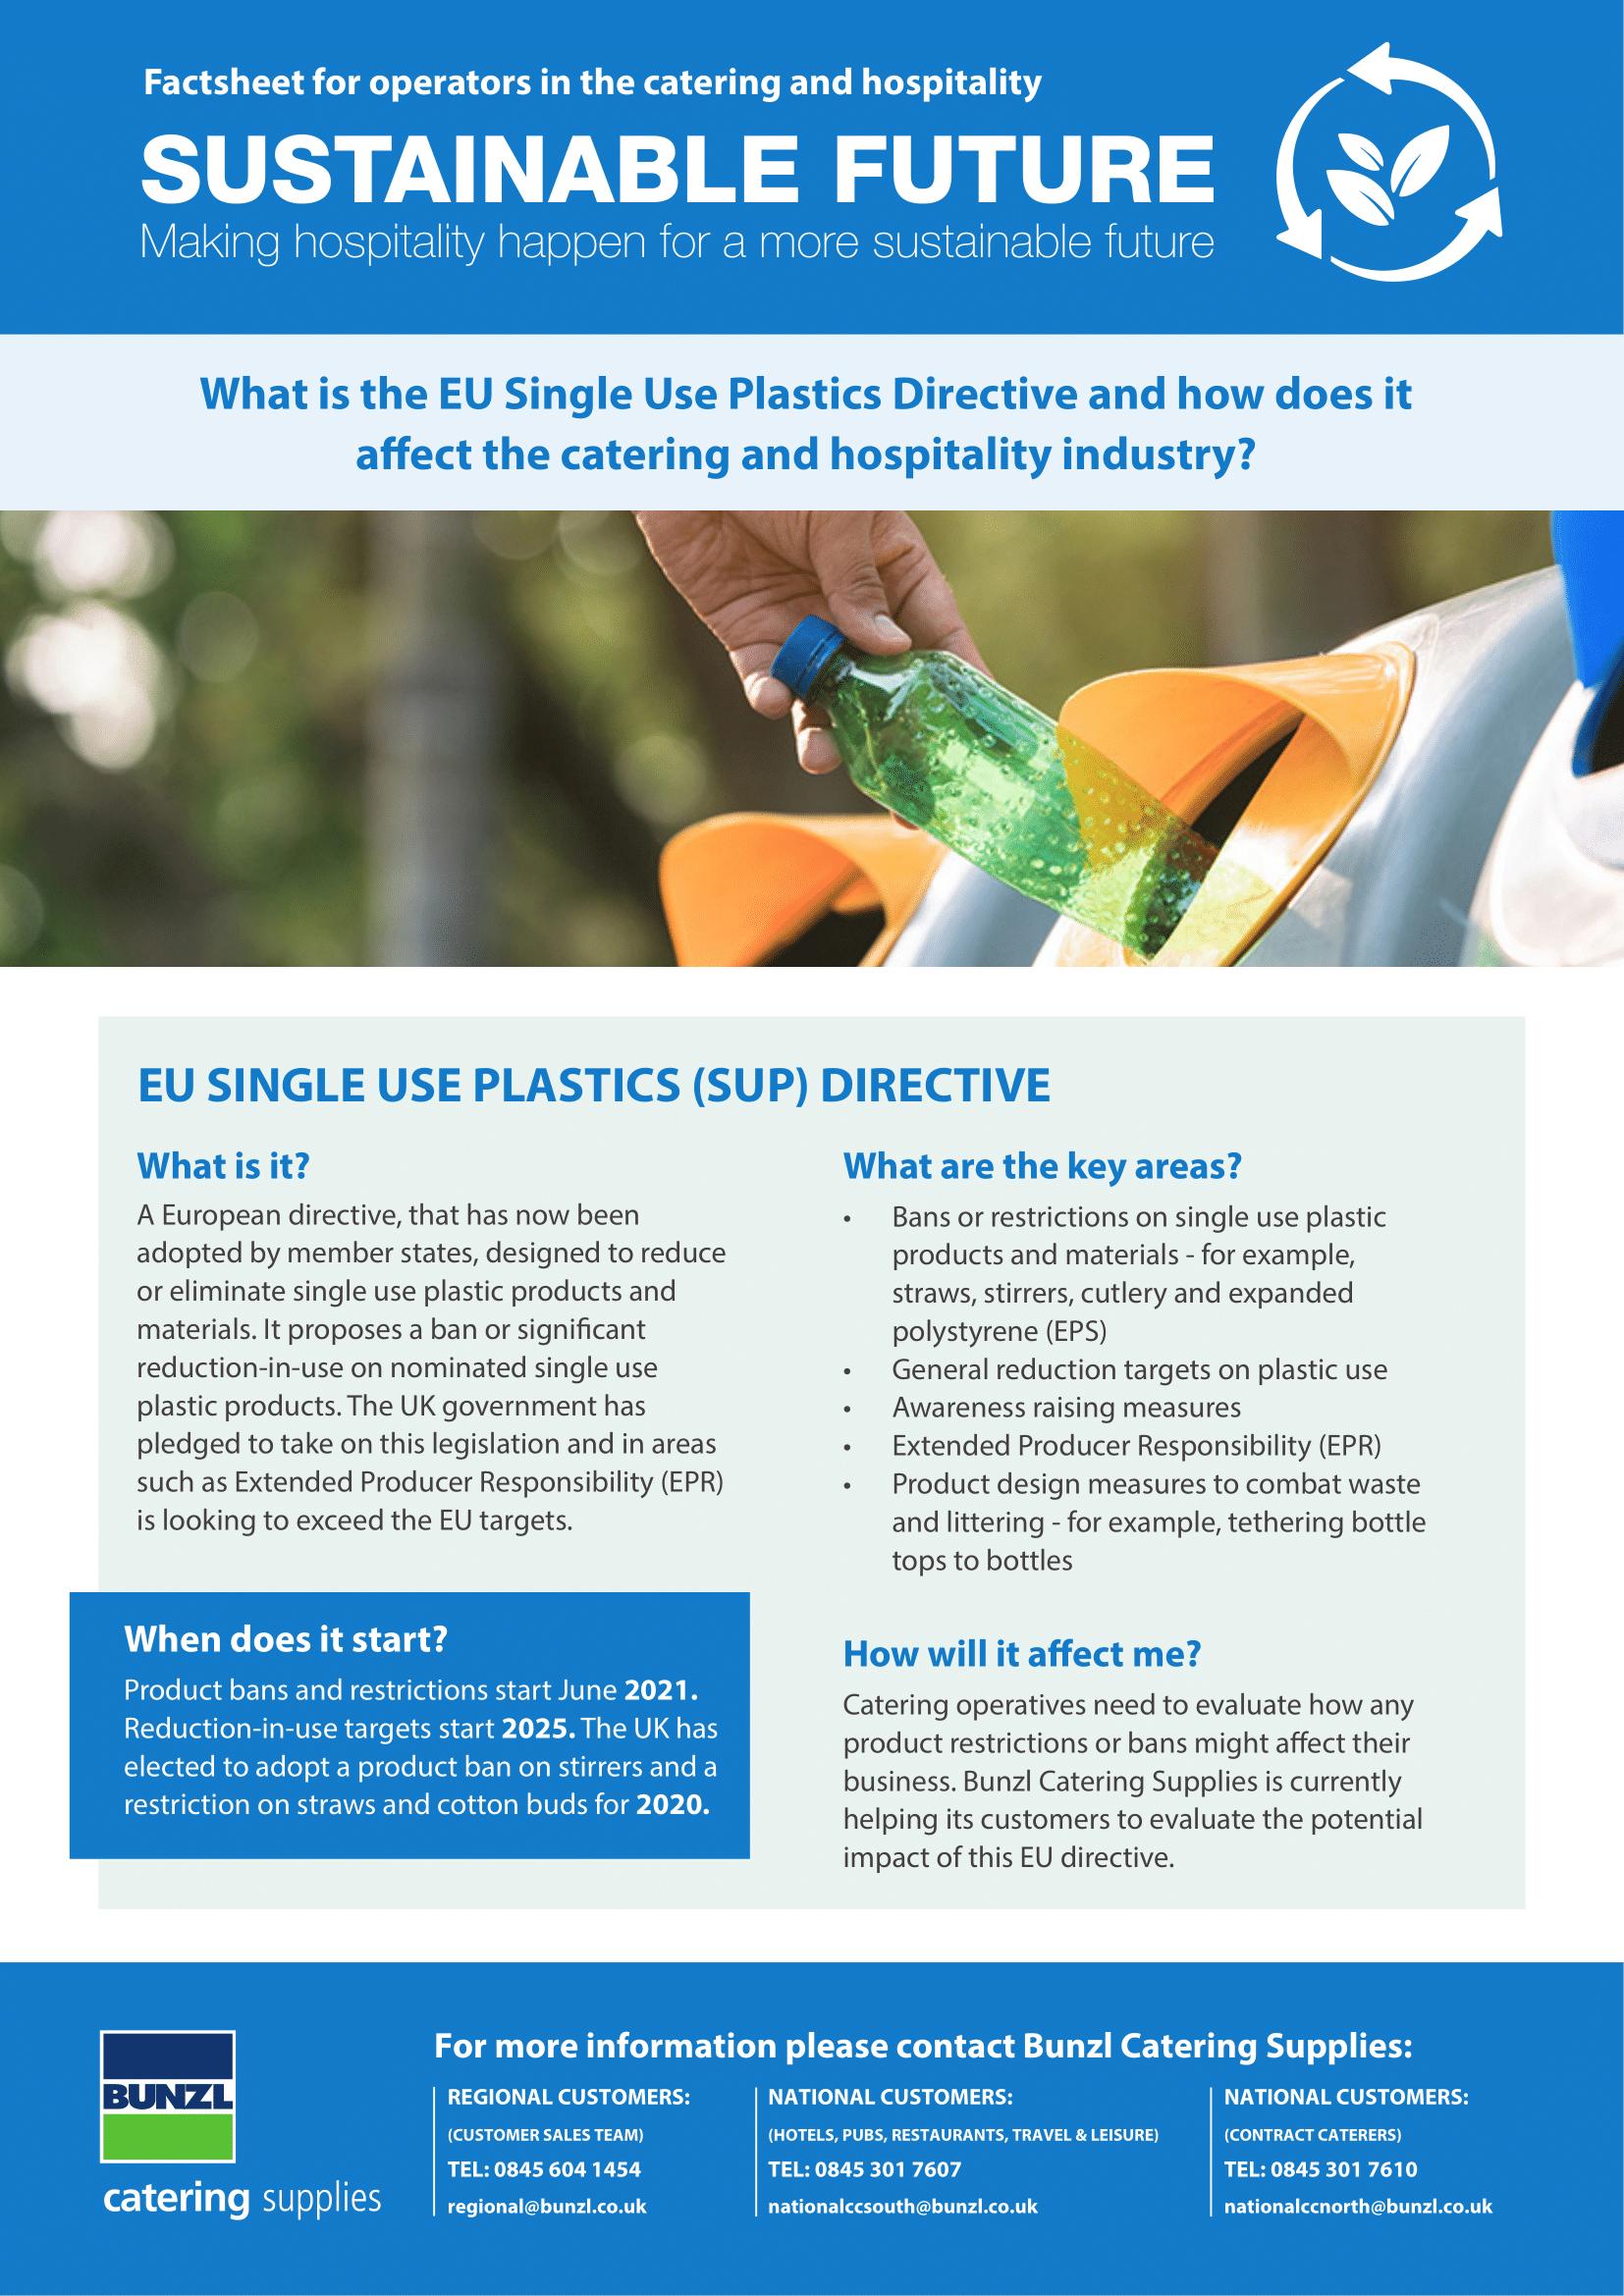 BCS SF EU Plastics Directive Aug 2019-1.png